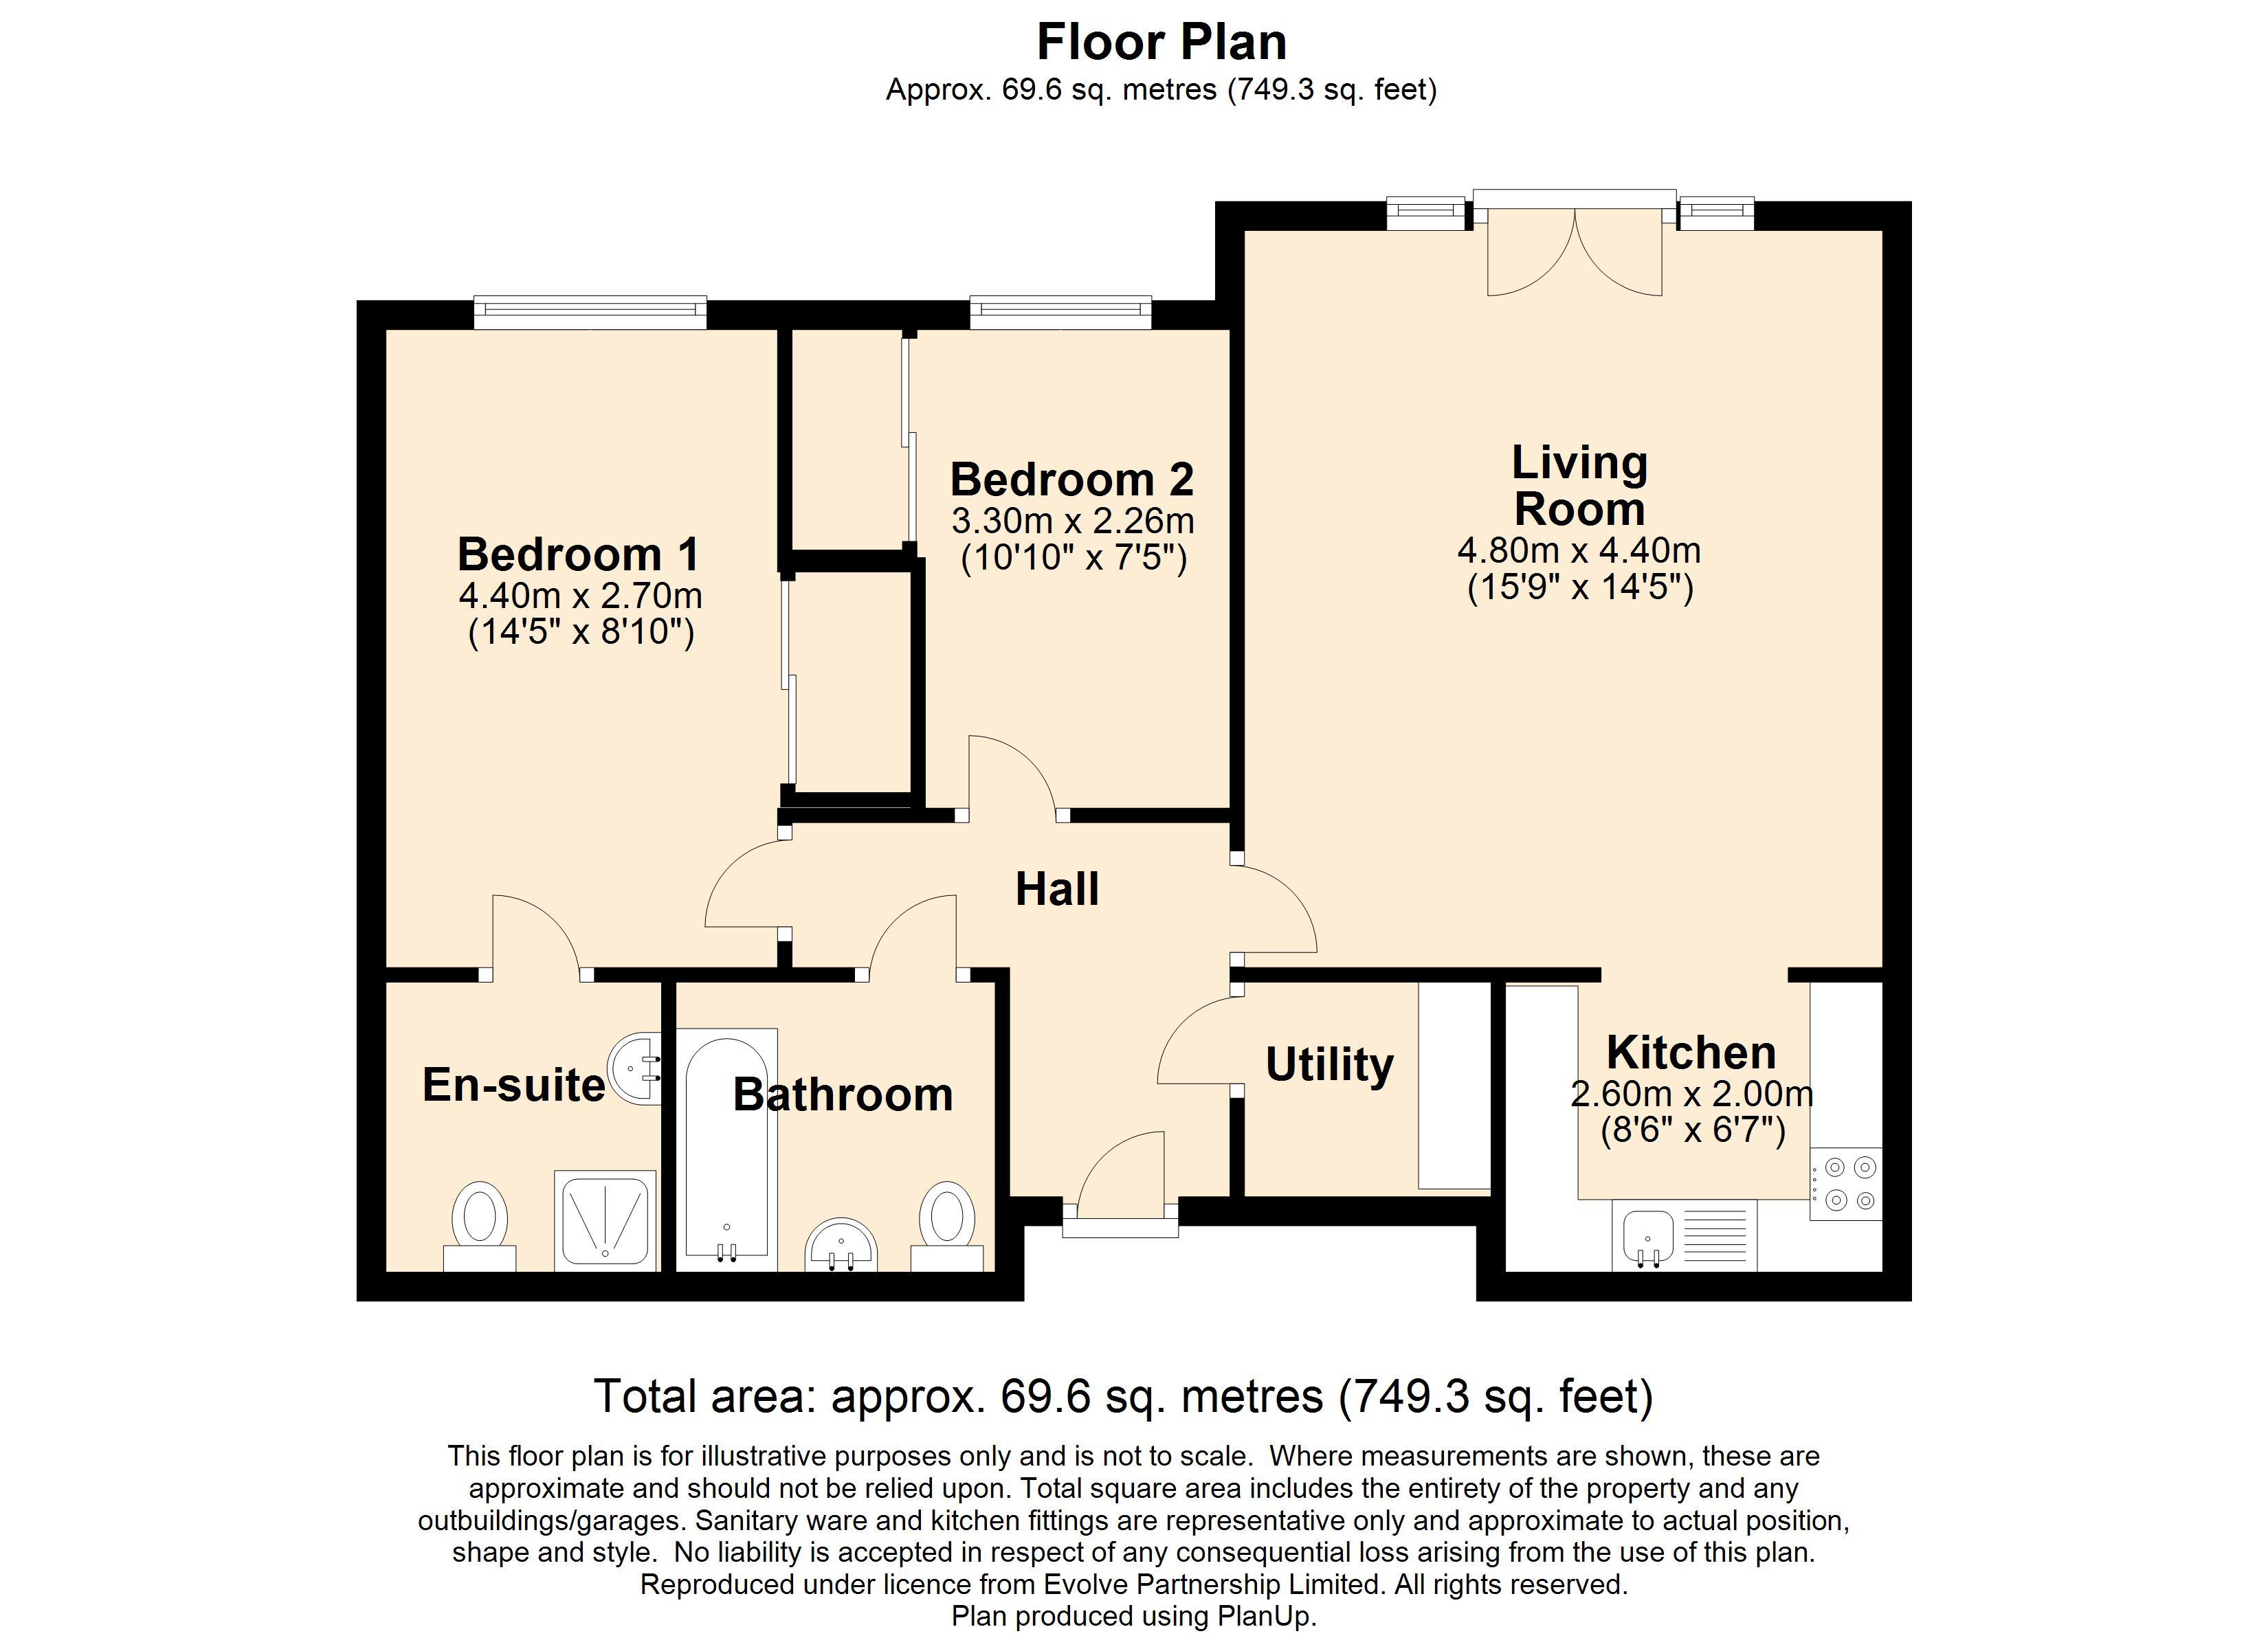 14 Wildwood Court Floorplan